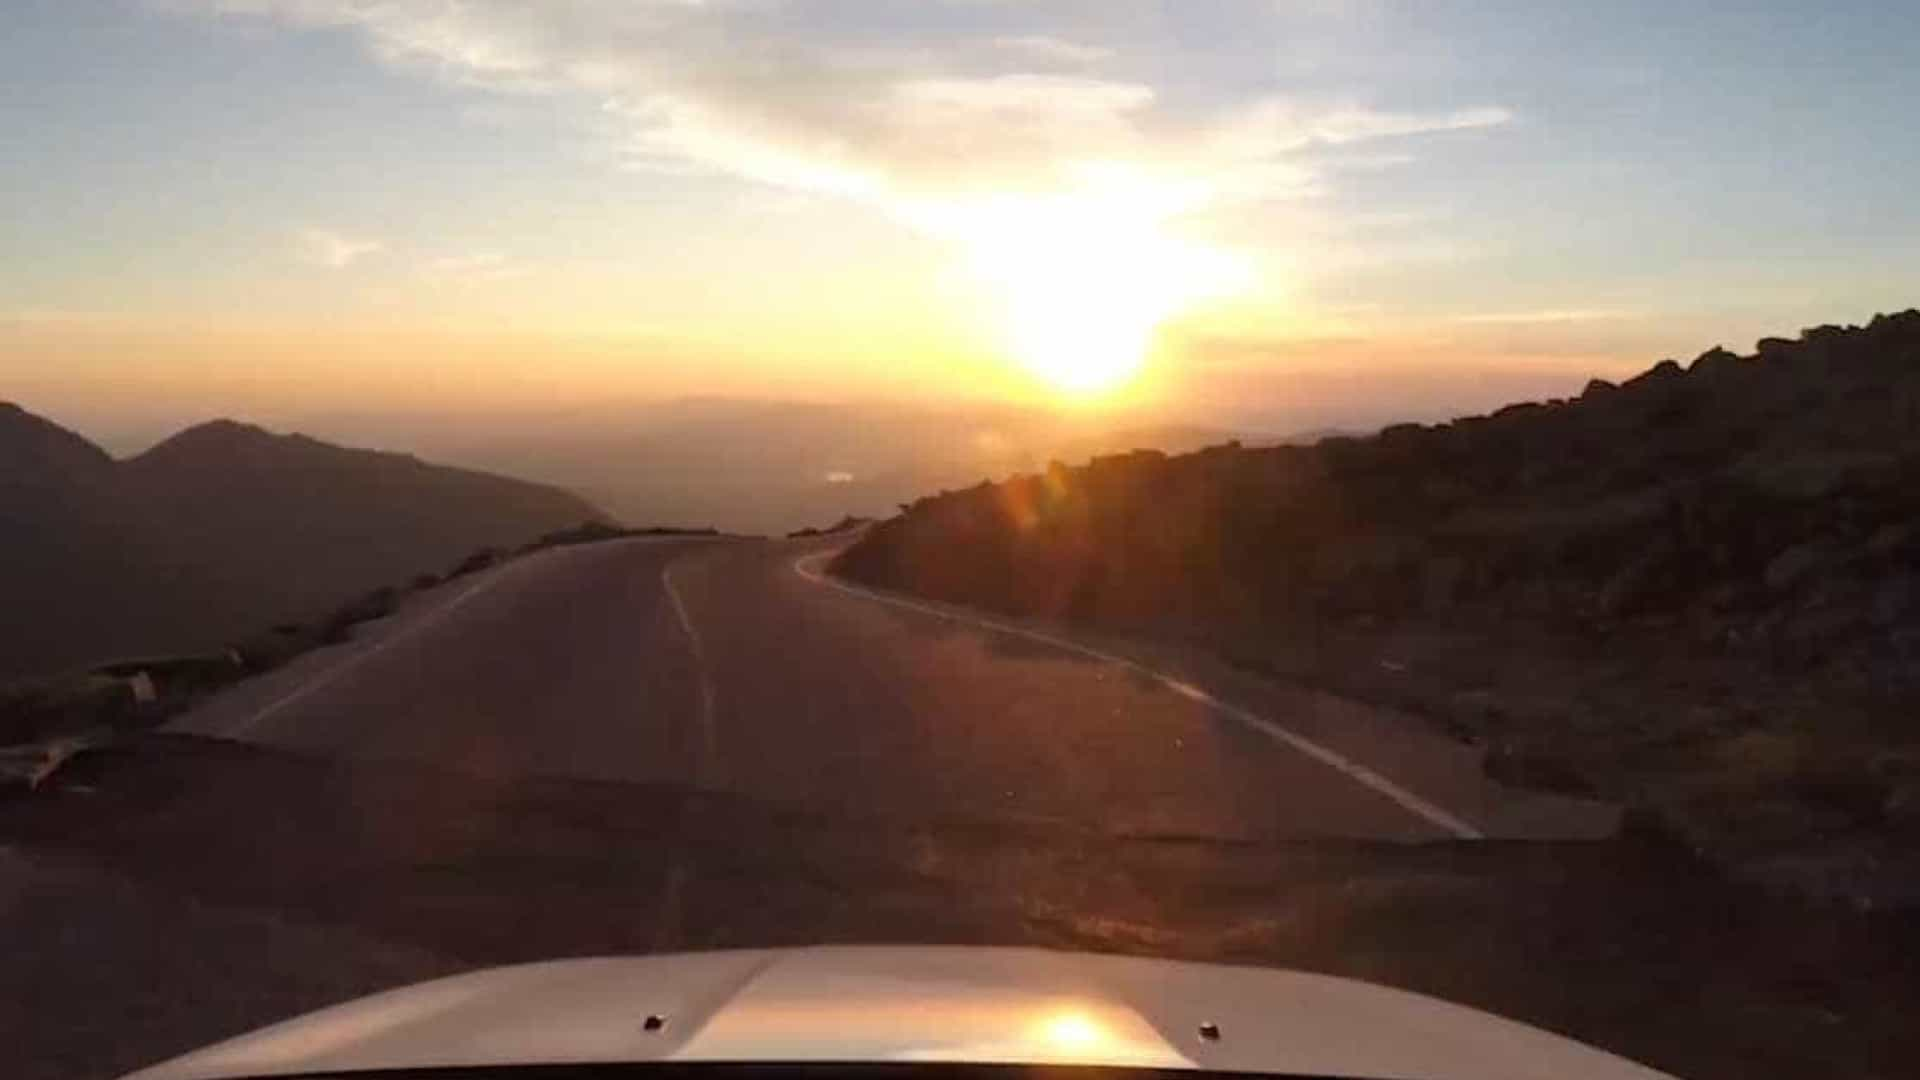 Estrada montanhosa nos EUA tem cenário espetacular